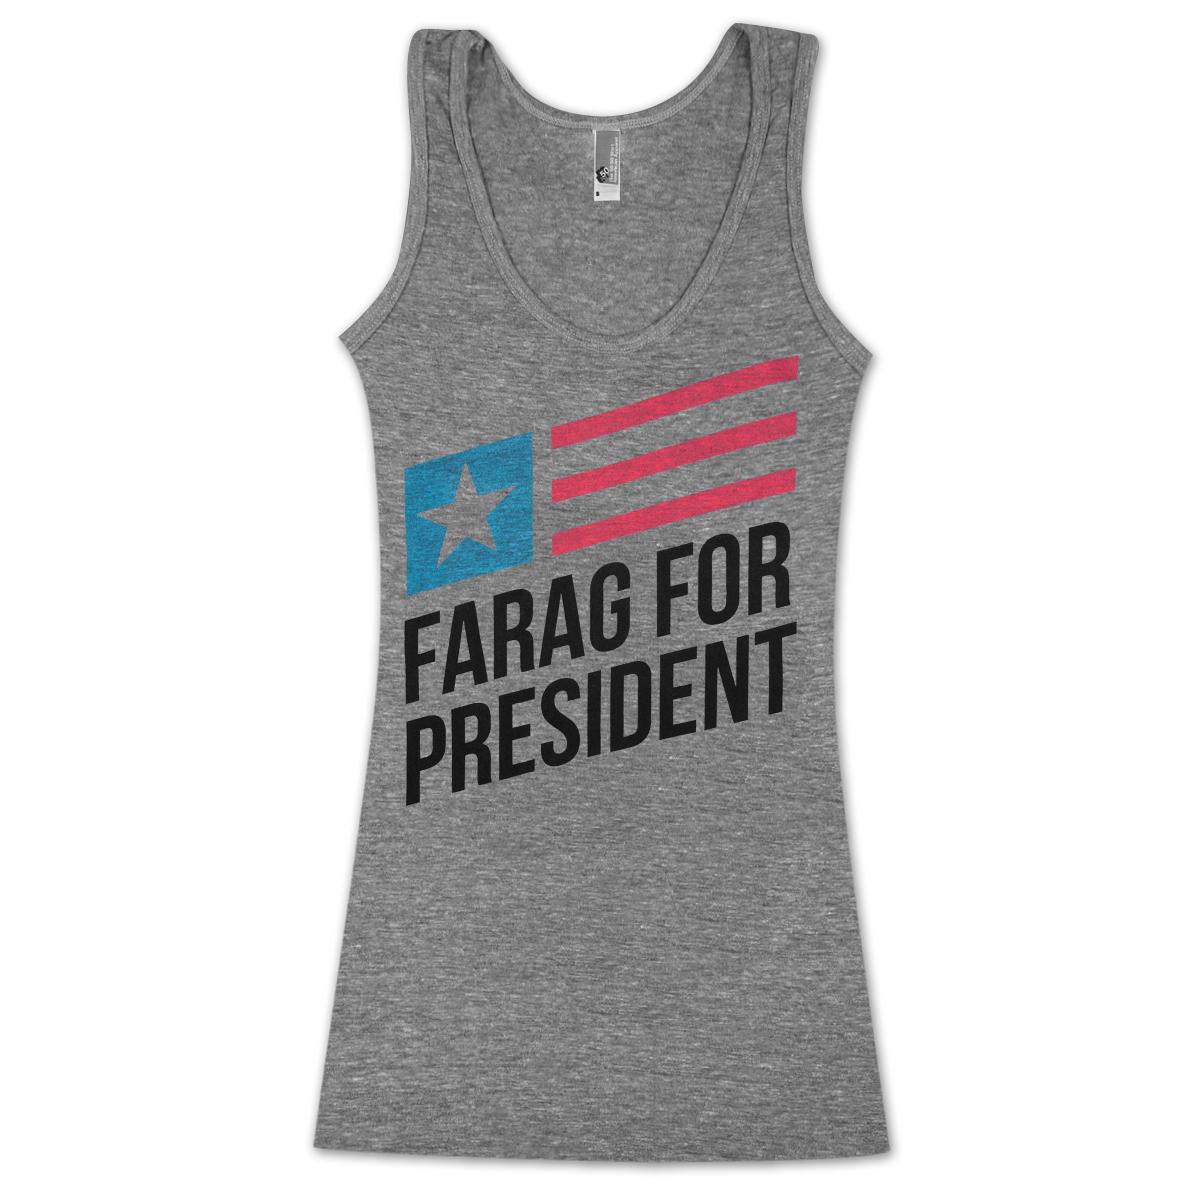 Farag For President Unisex Tank